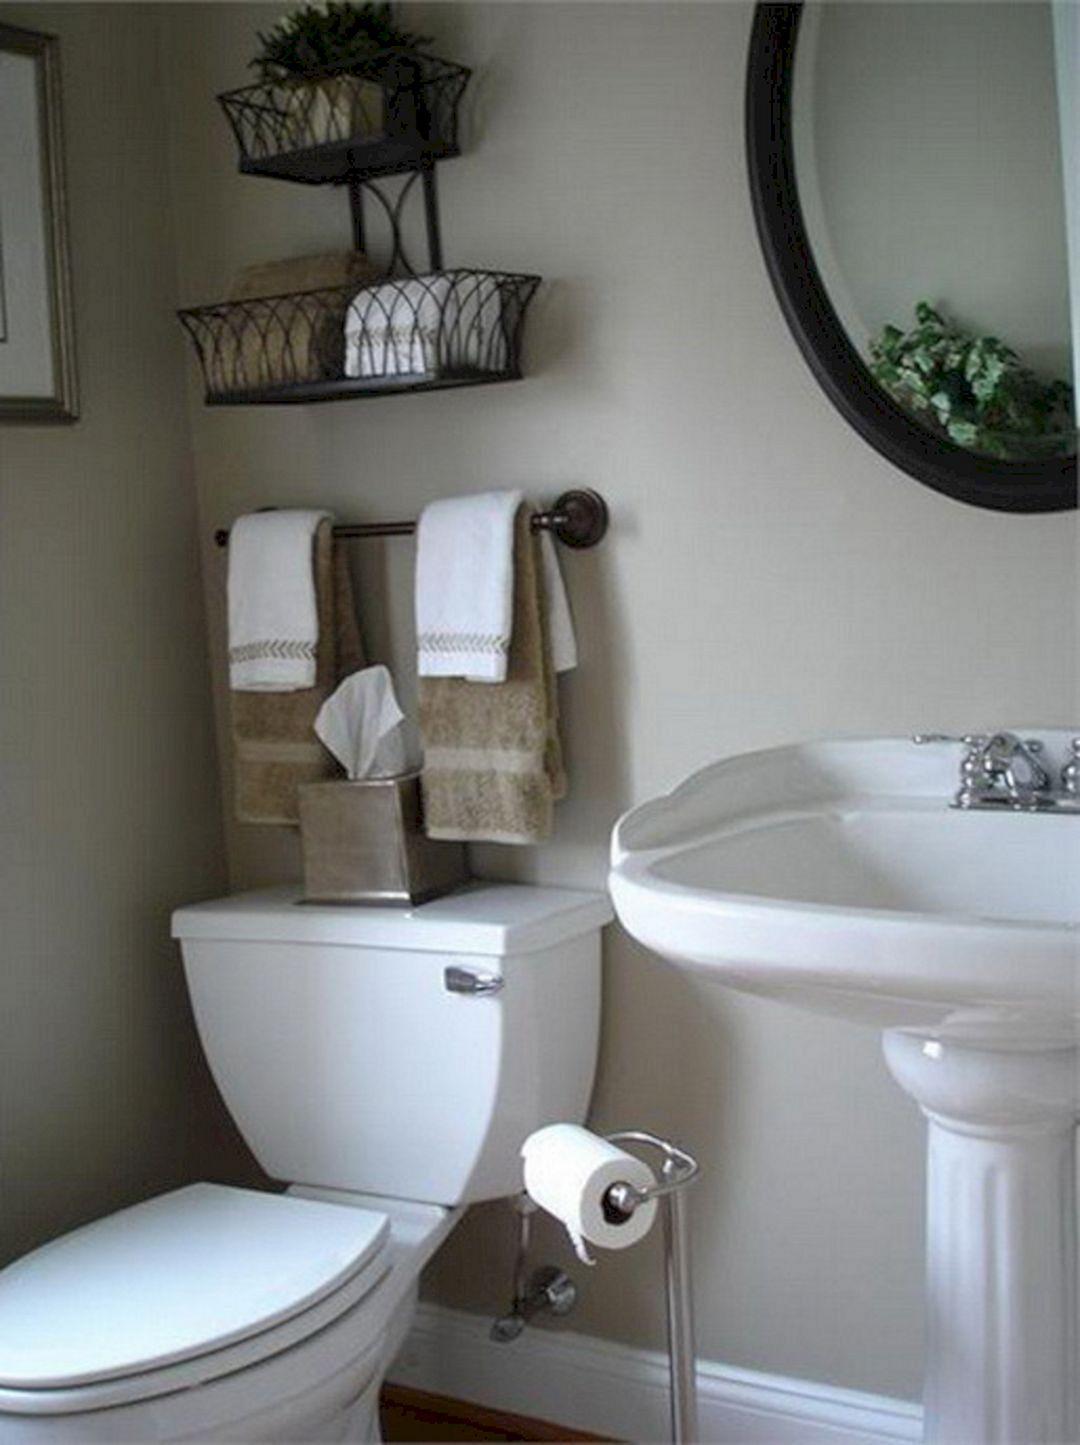 Организация пространства в ванной комнате фото 14